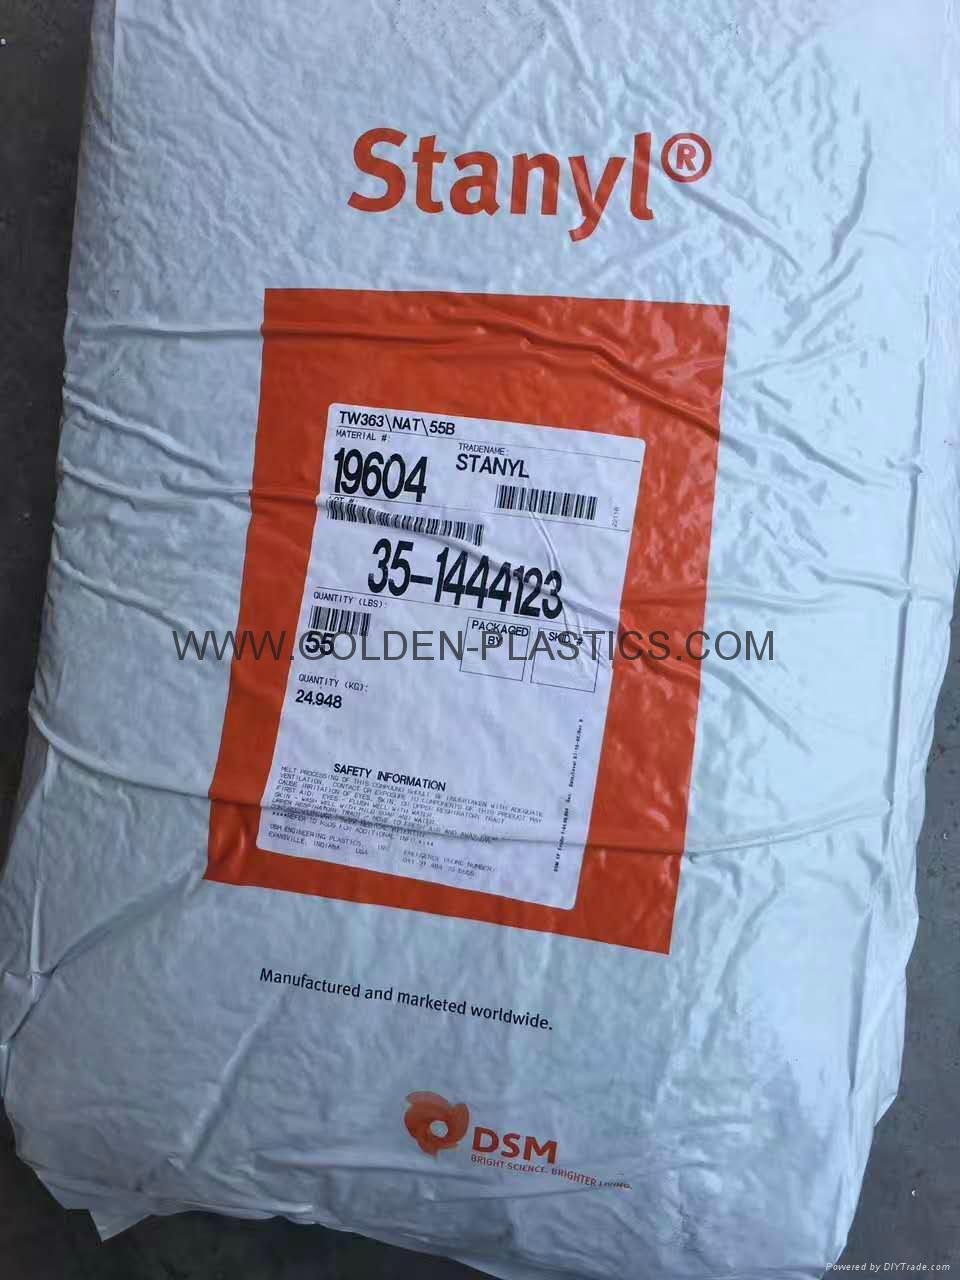 Stanyl TW363